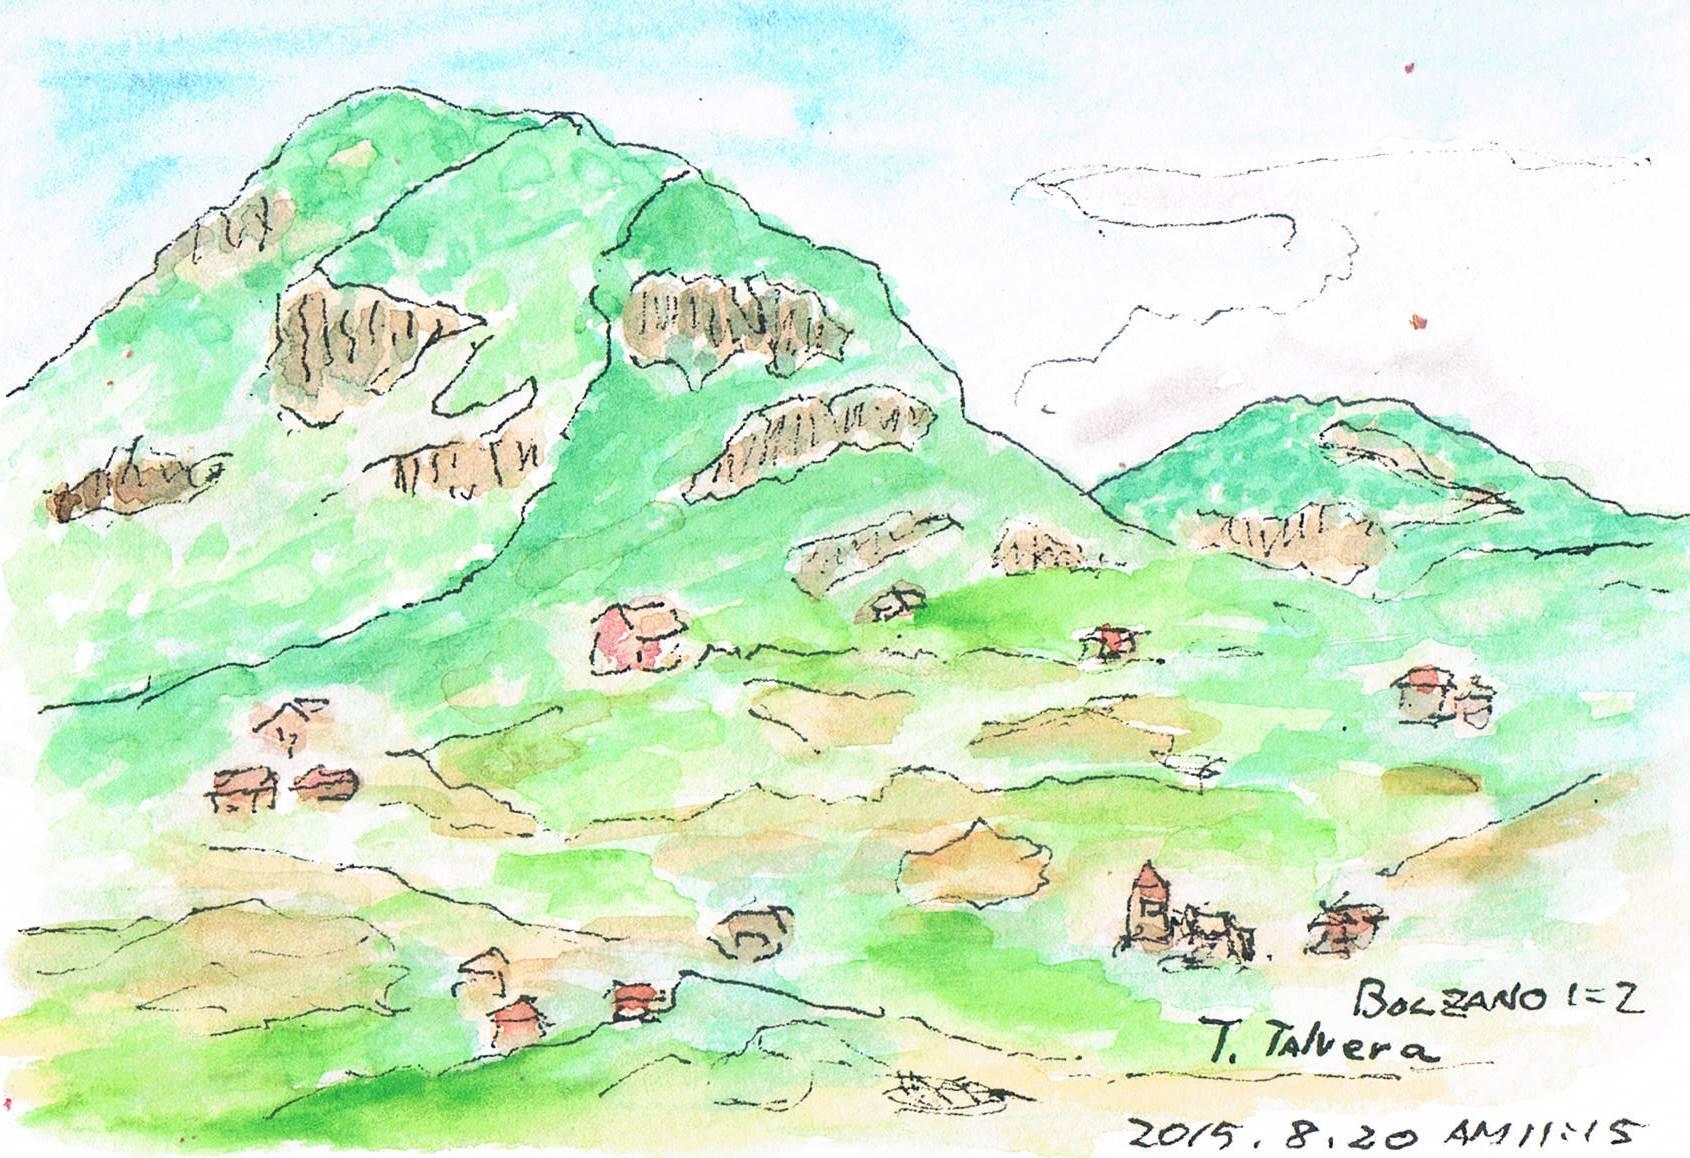 Bolzanoでスケッチ_e0232277_10264978.jpg